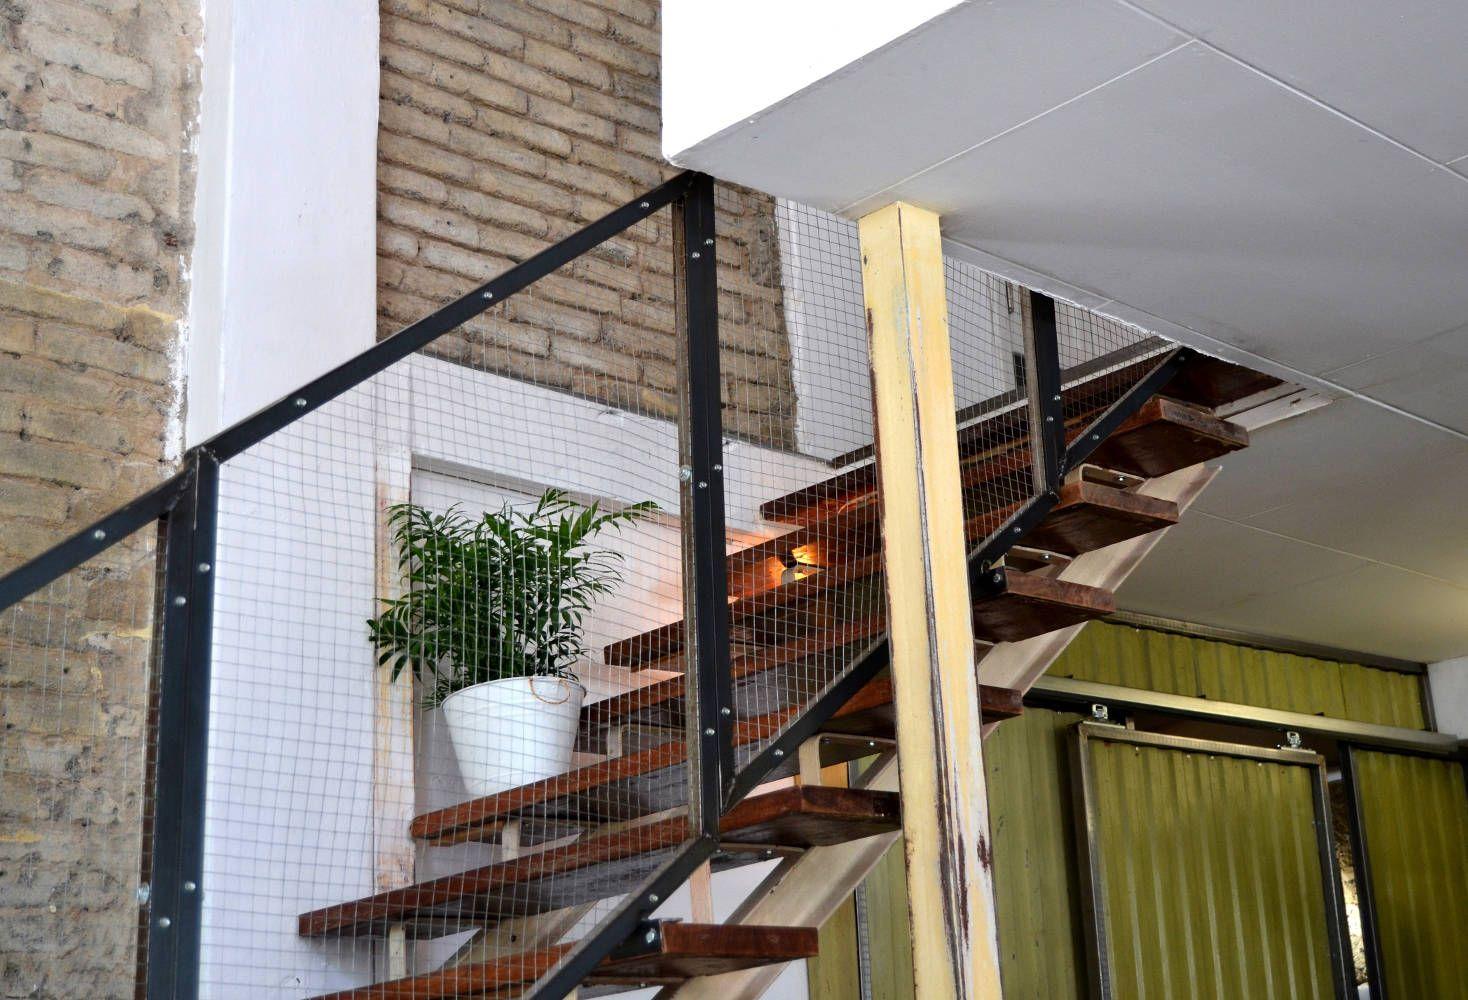 Escalera en restaurante Triciclo 2